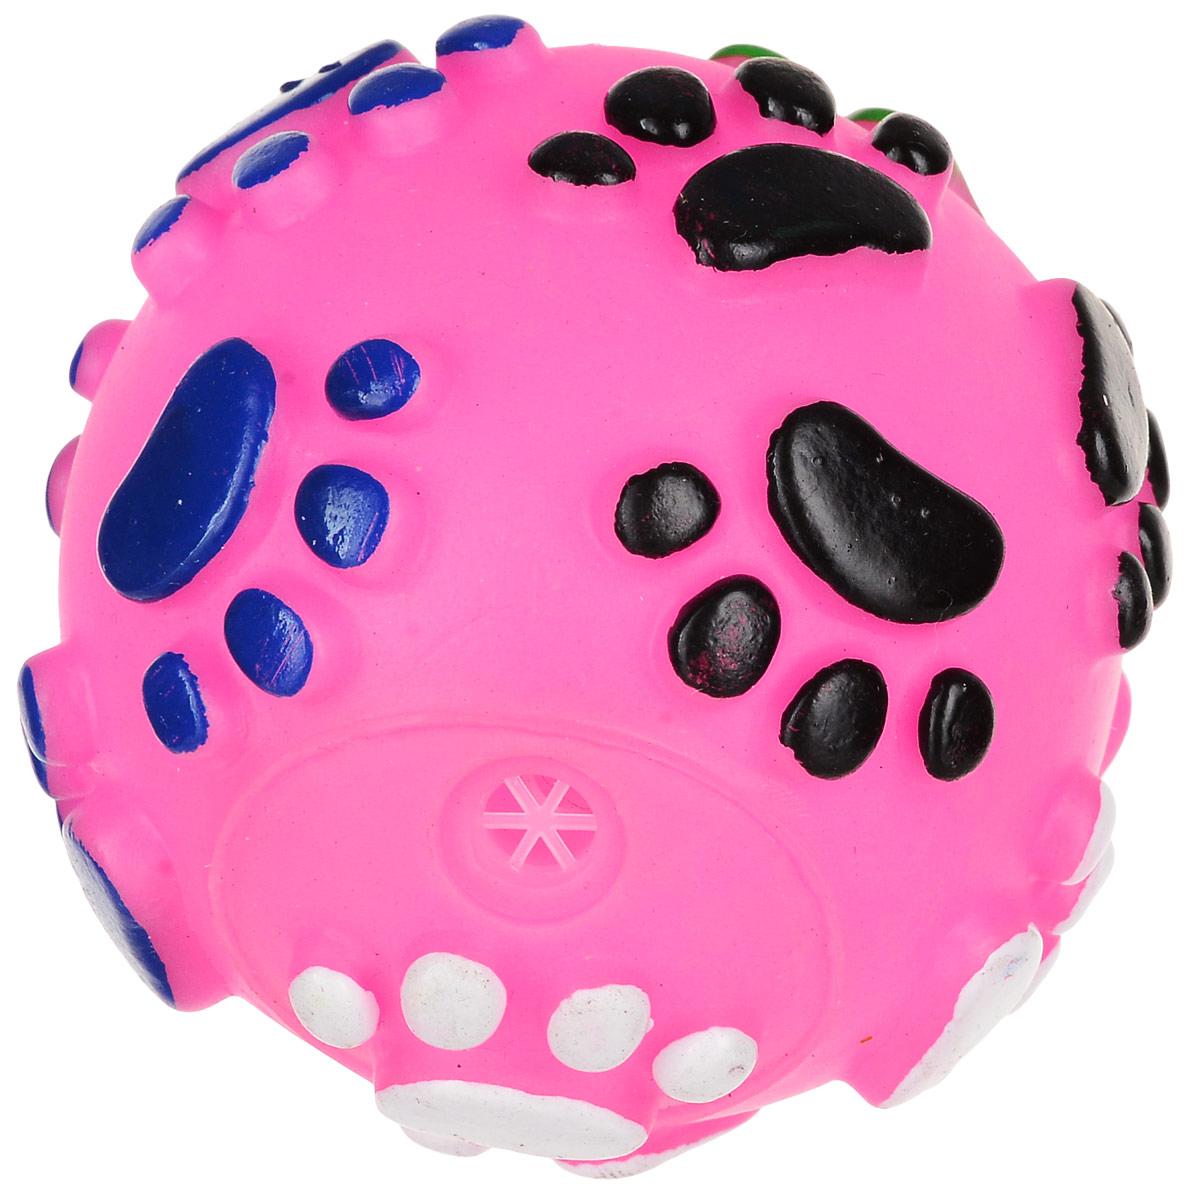 Игрушка для собак Уют Мяч лапки, цвет: розовый, 6,5 см игрушка для животных каскад удочка с микки маусом 47 см